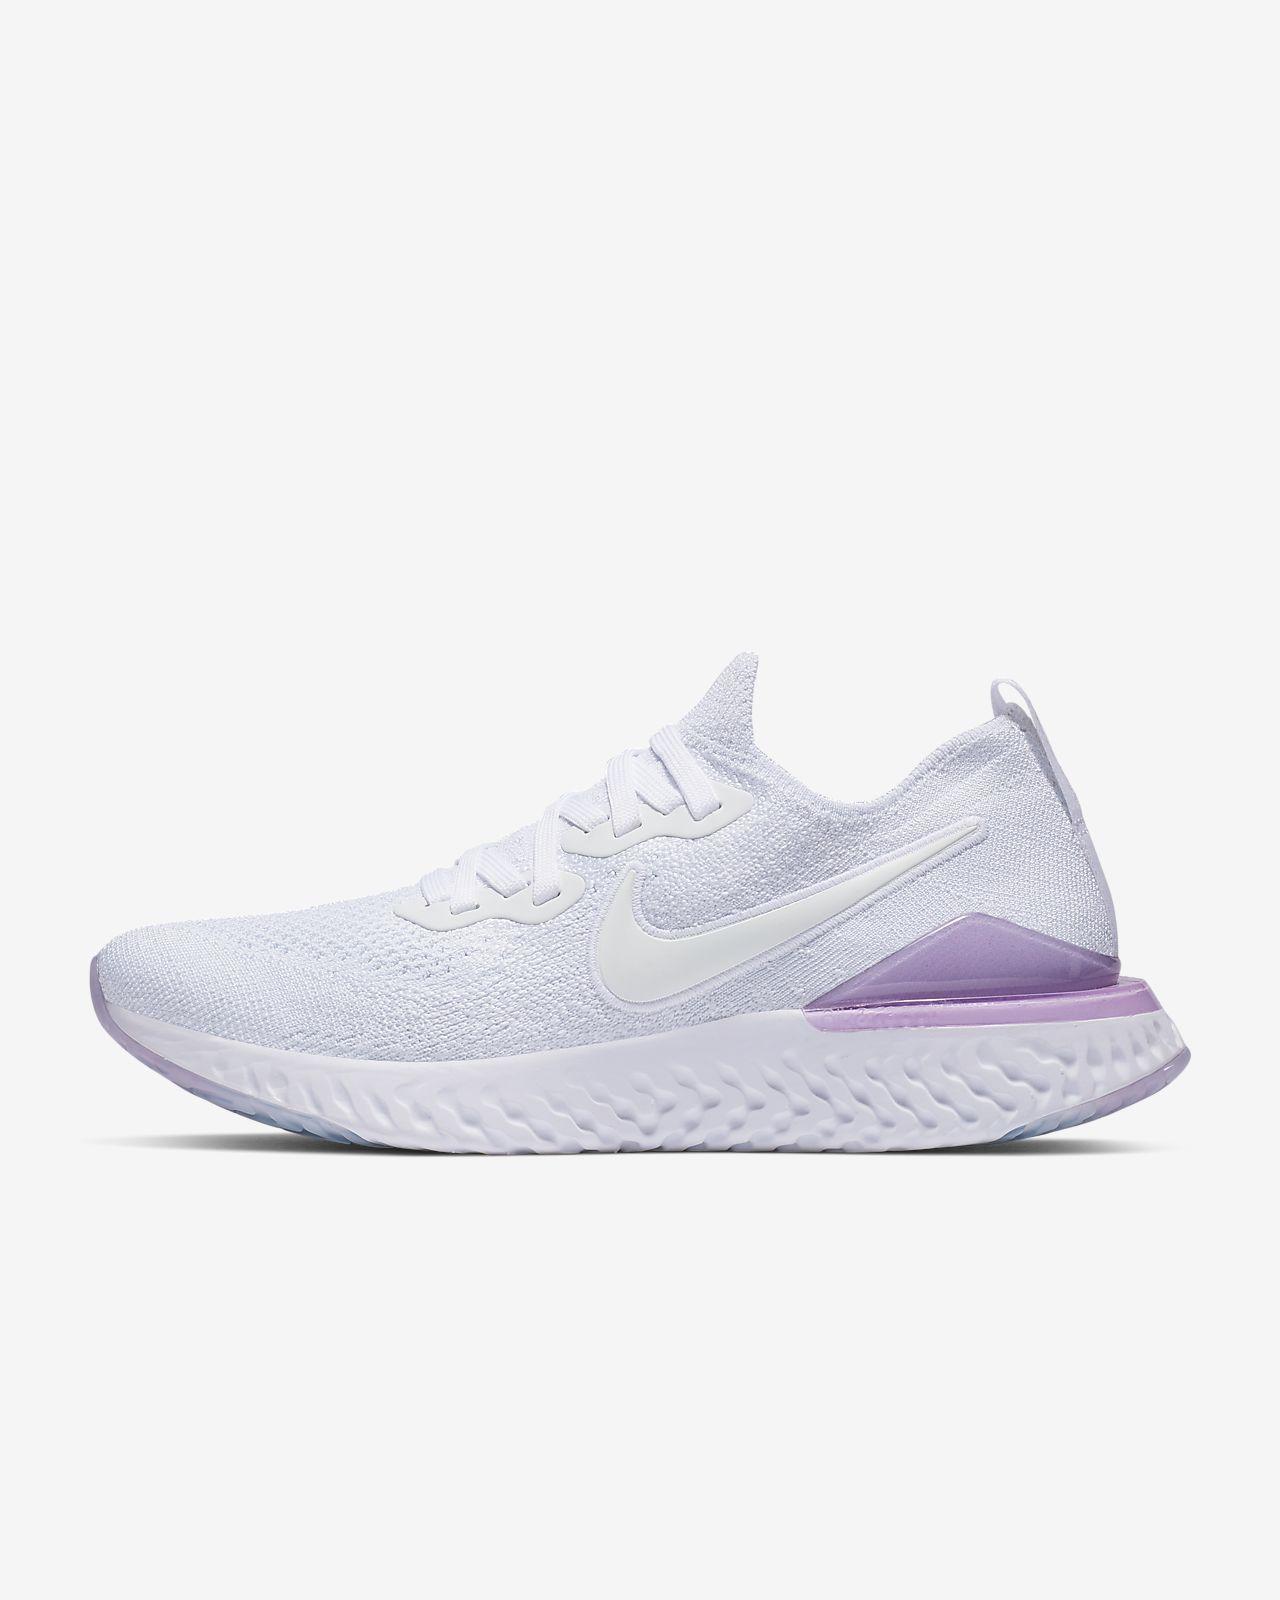 72f597d32d03 Chaussure de running Nike Epic React Flyknit 2 pour Femme. Nike.com FR